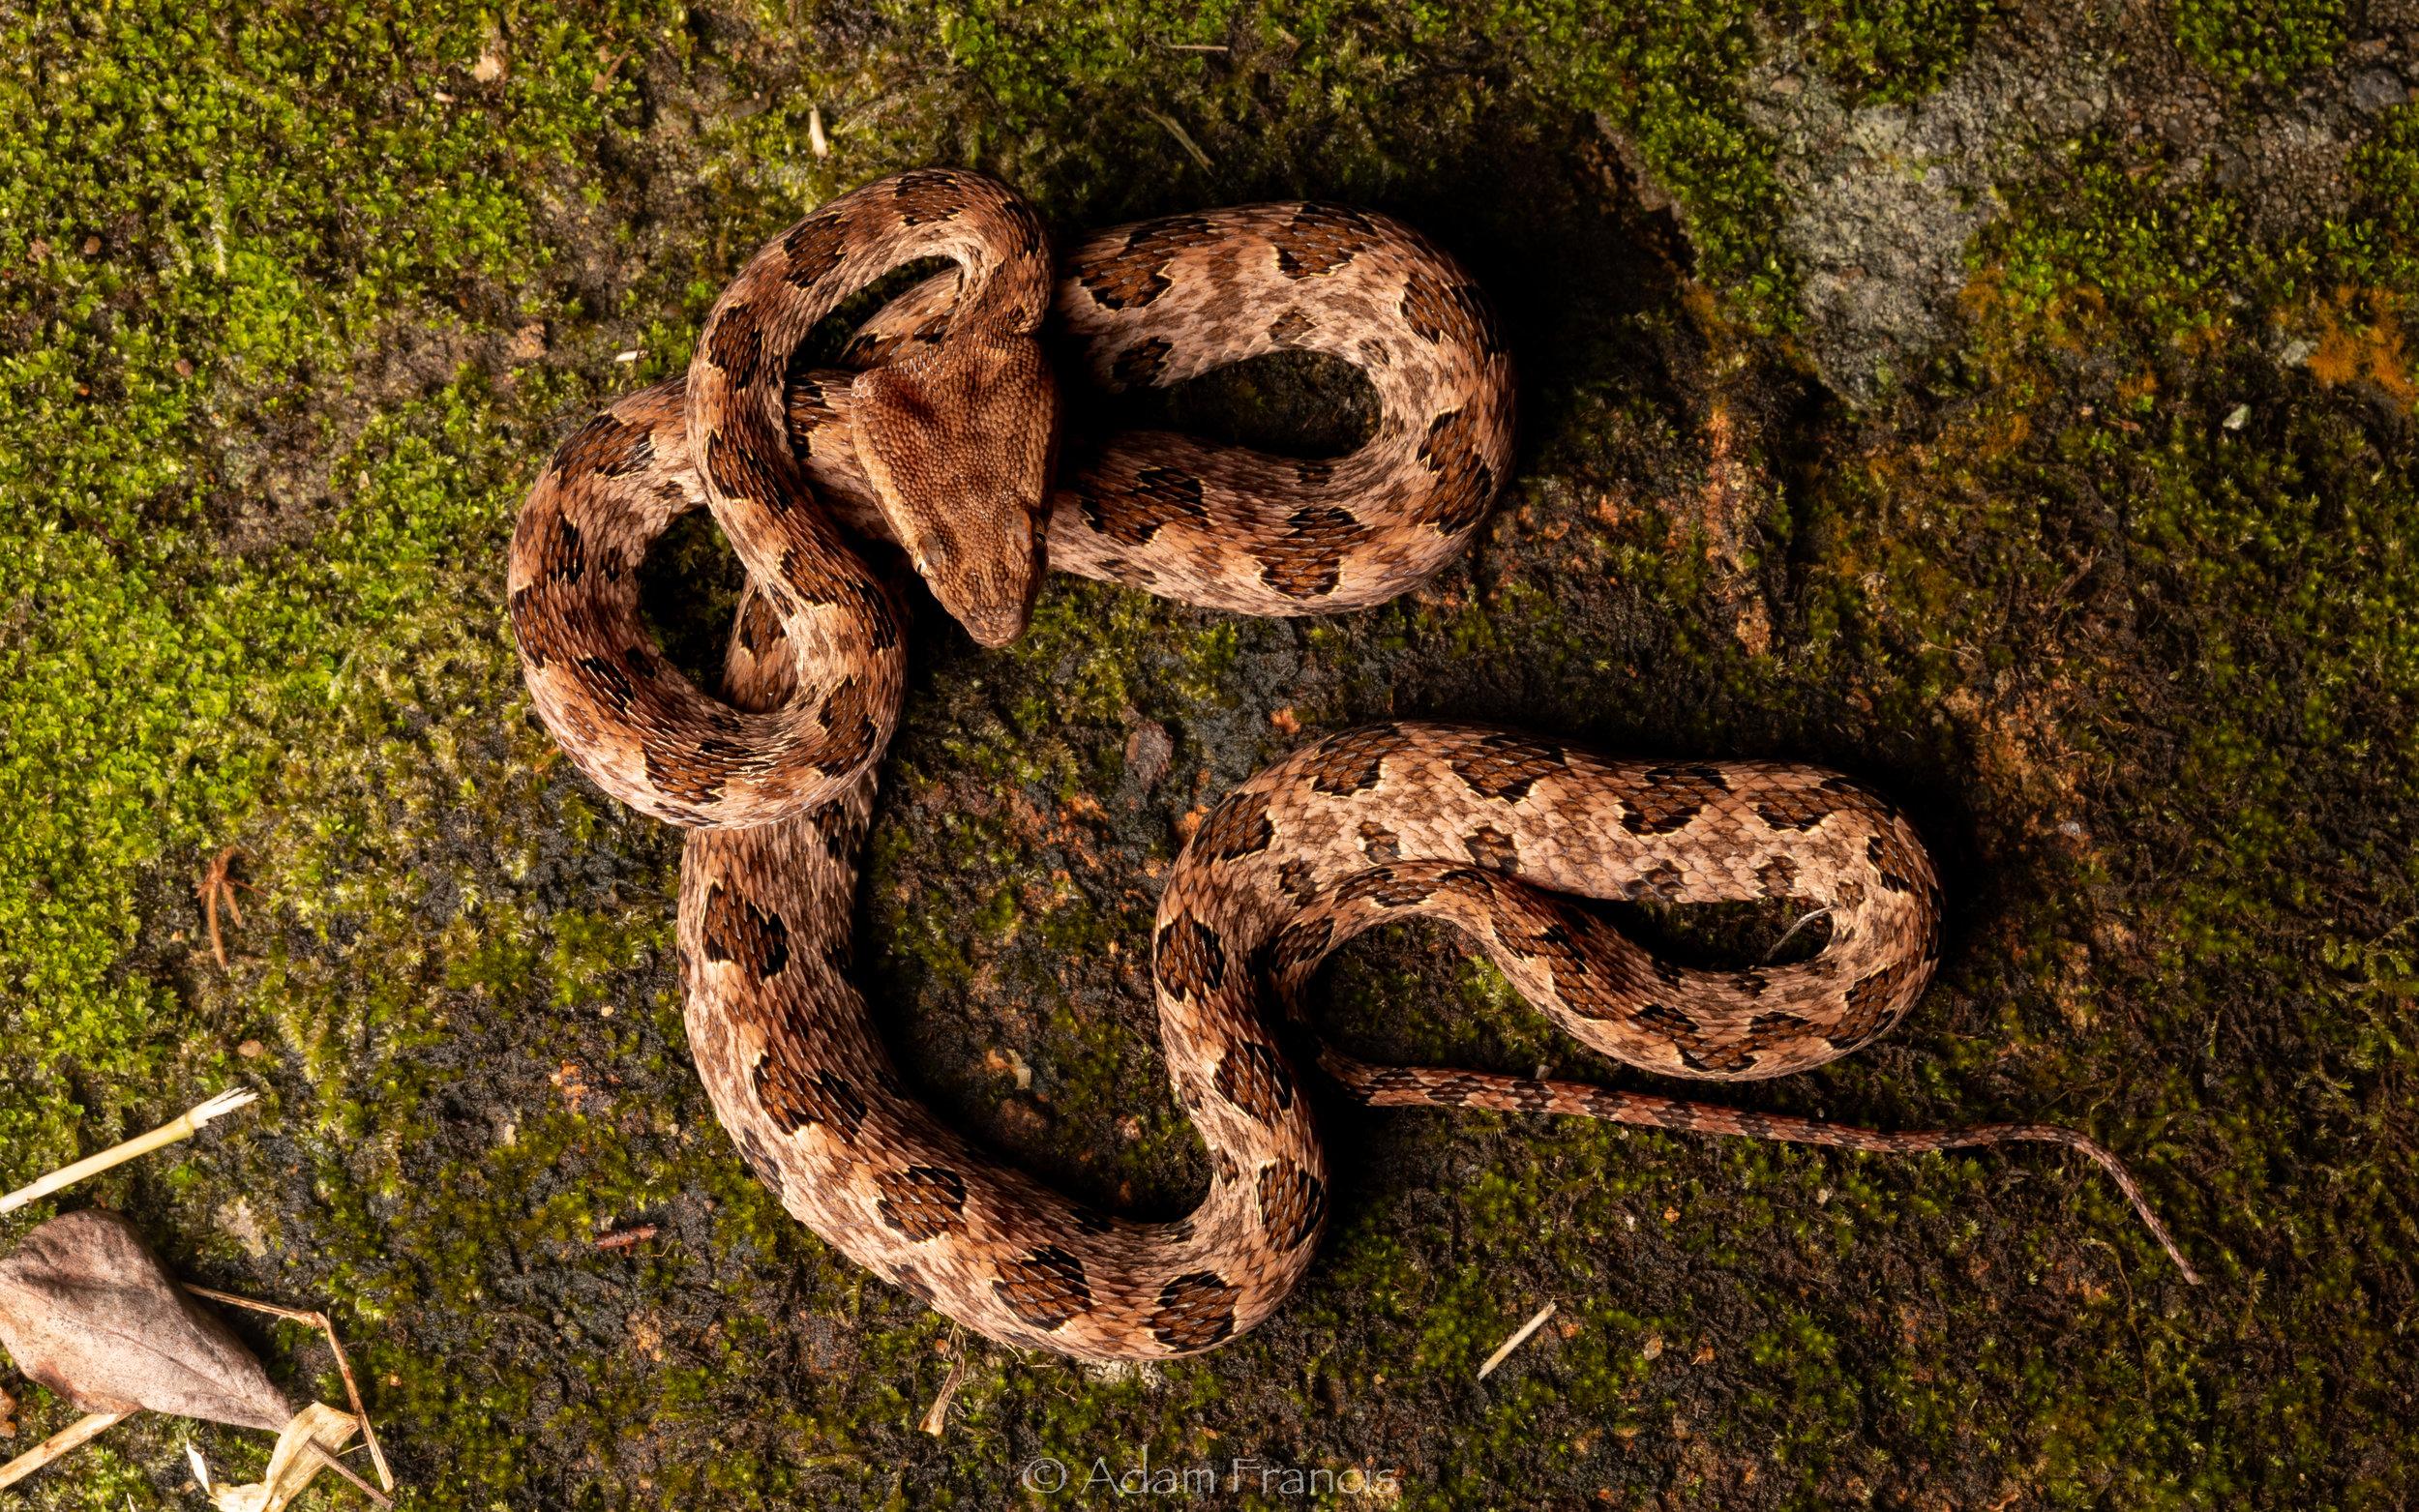 Pointed Scale Viper - Habu - Protobothrops mucrosquamatus-13.jpg